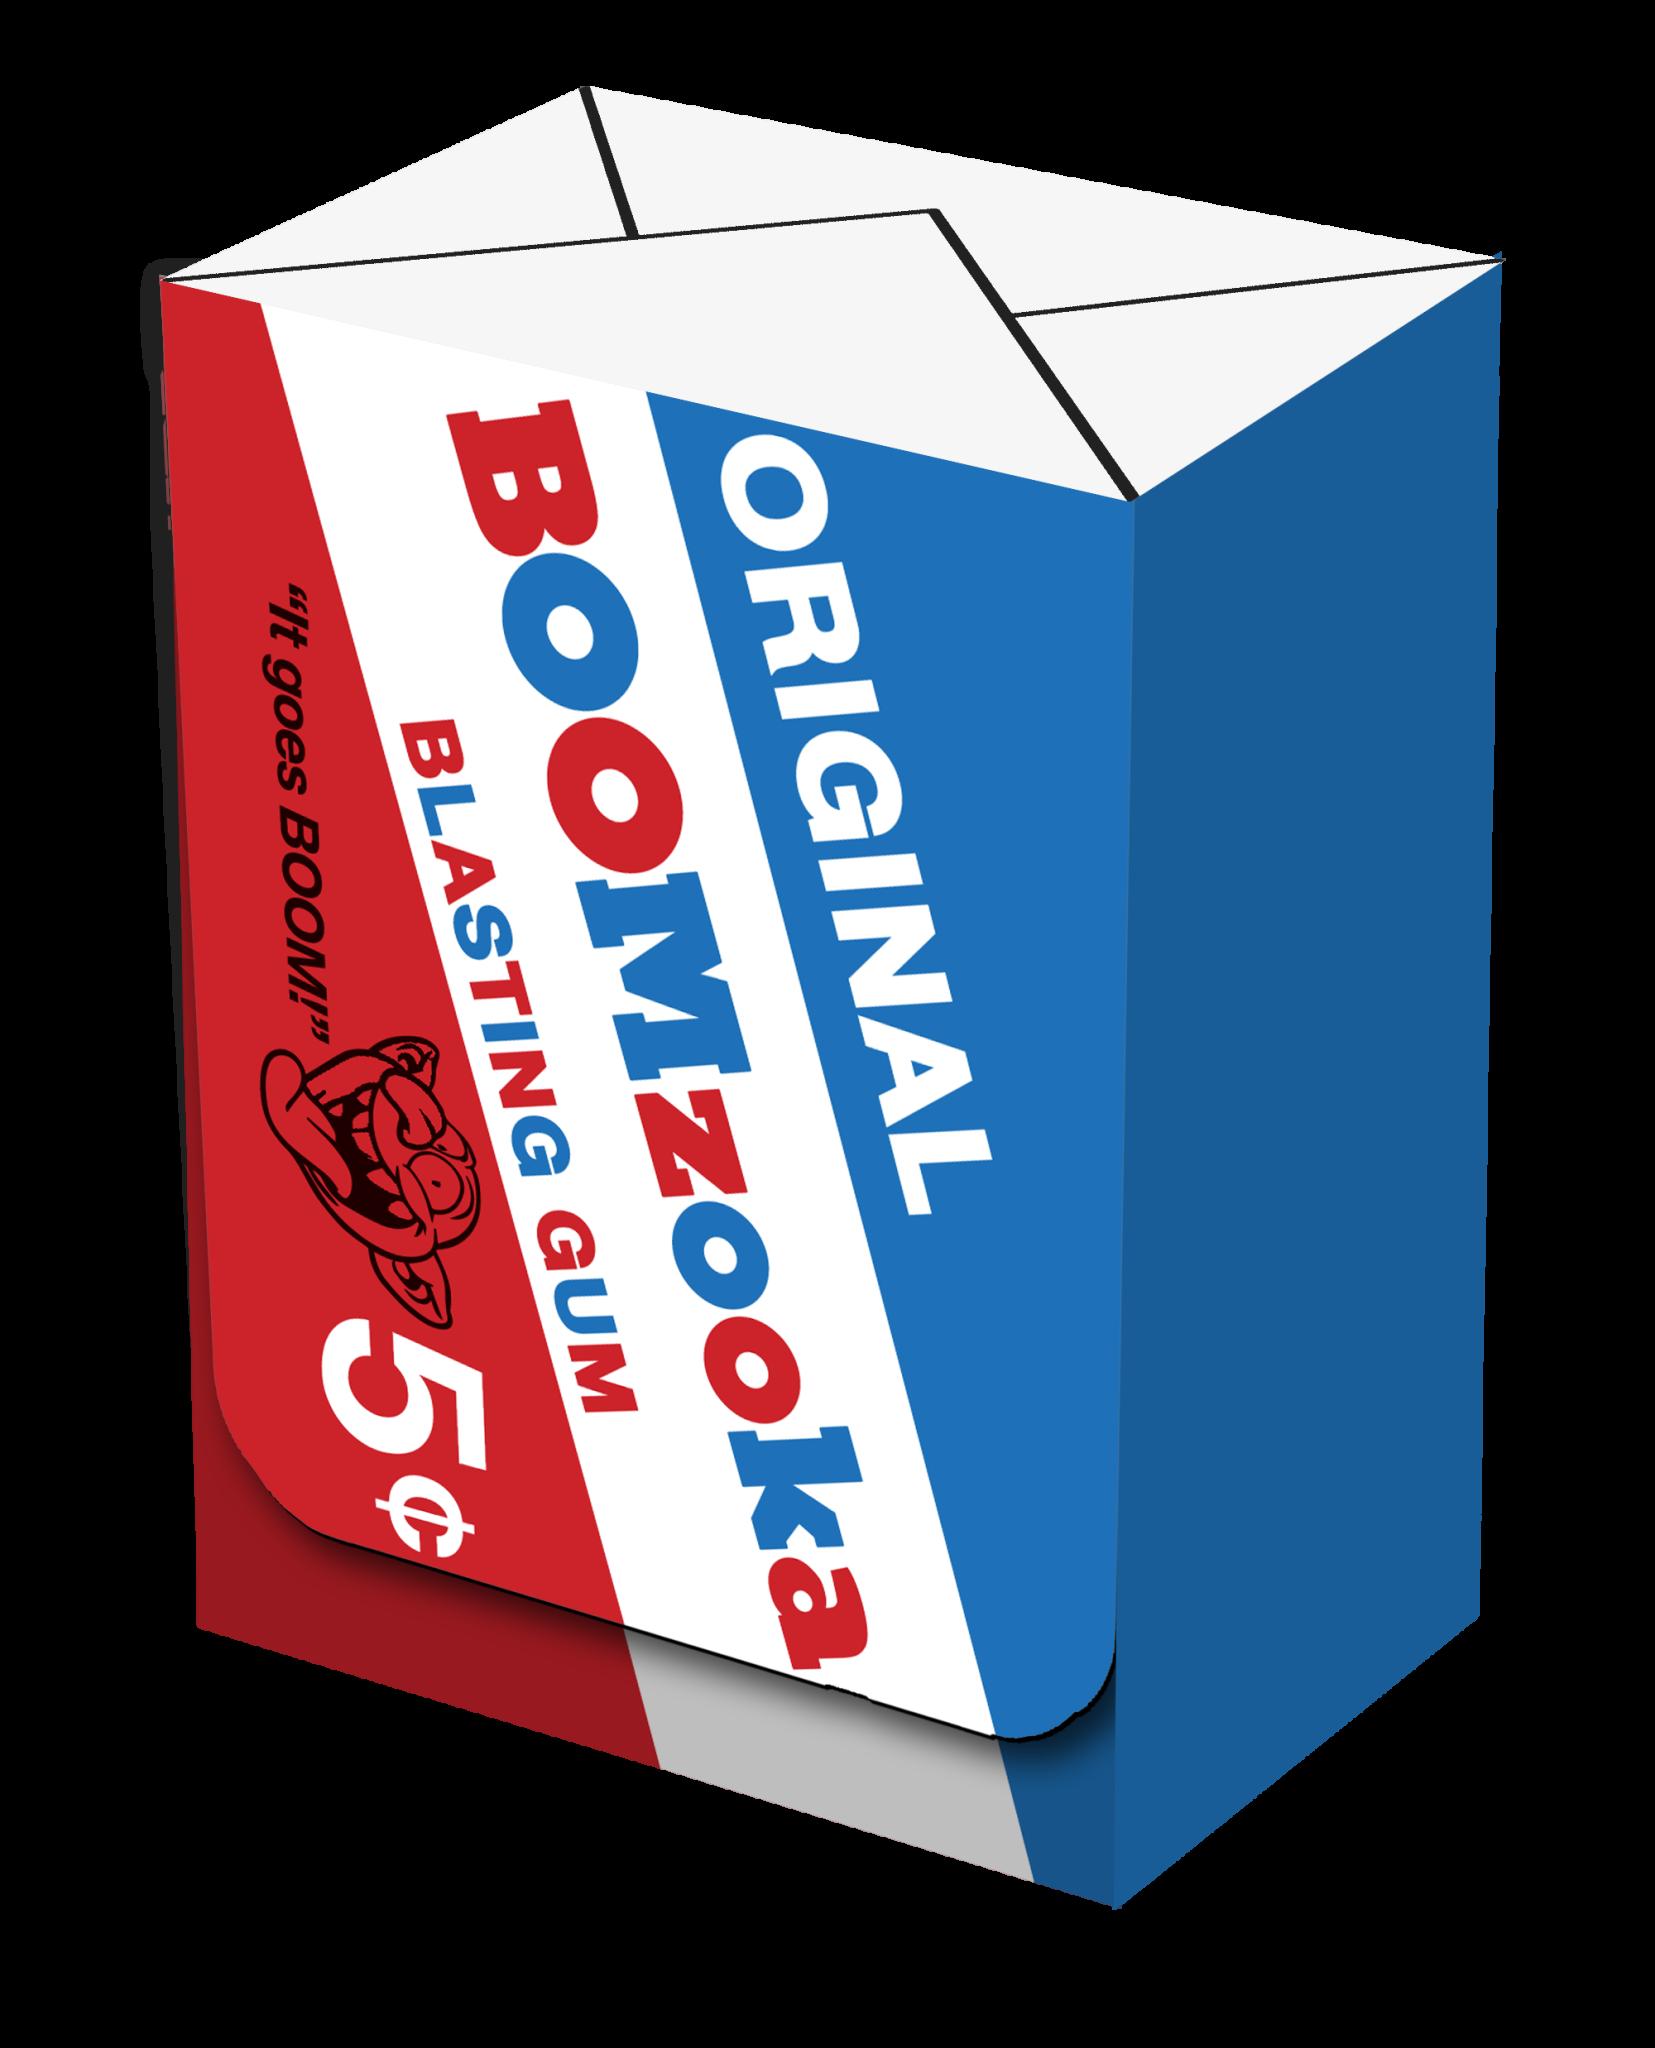 Deck Box: Boomzooka